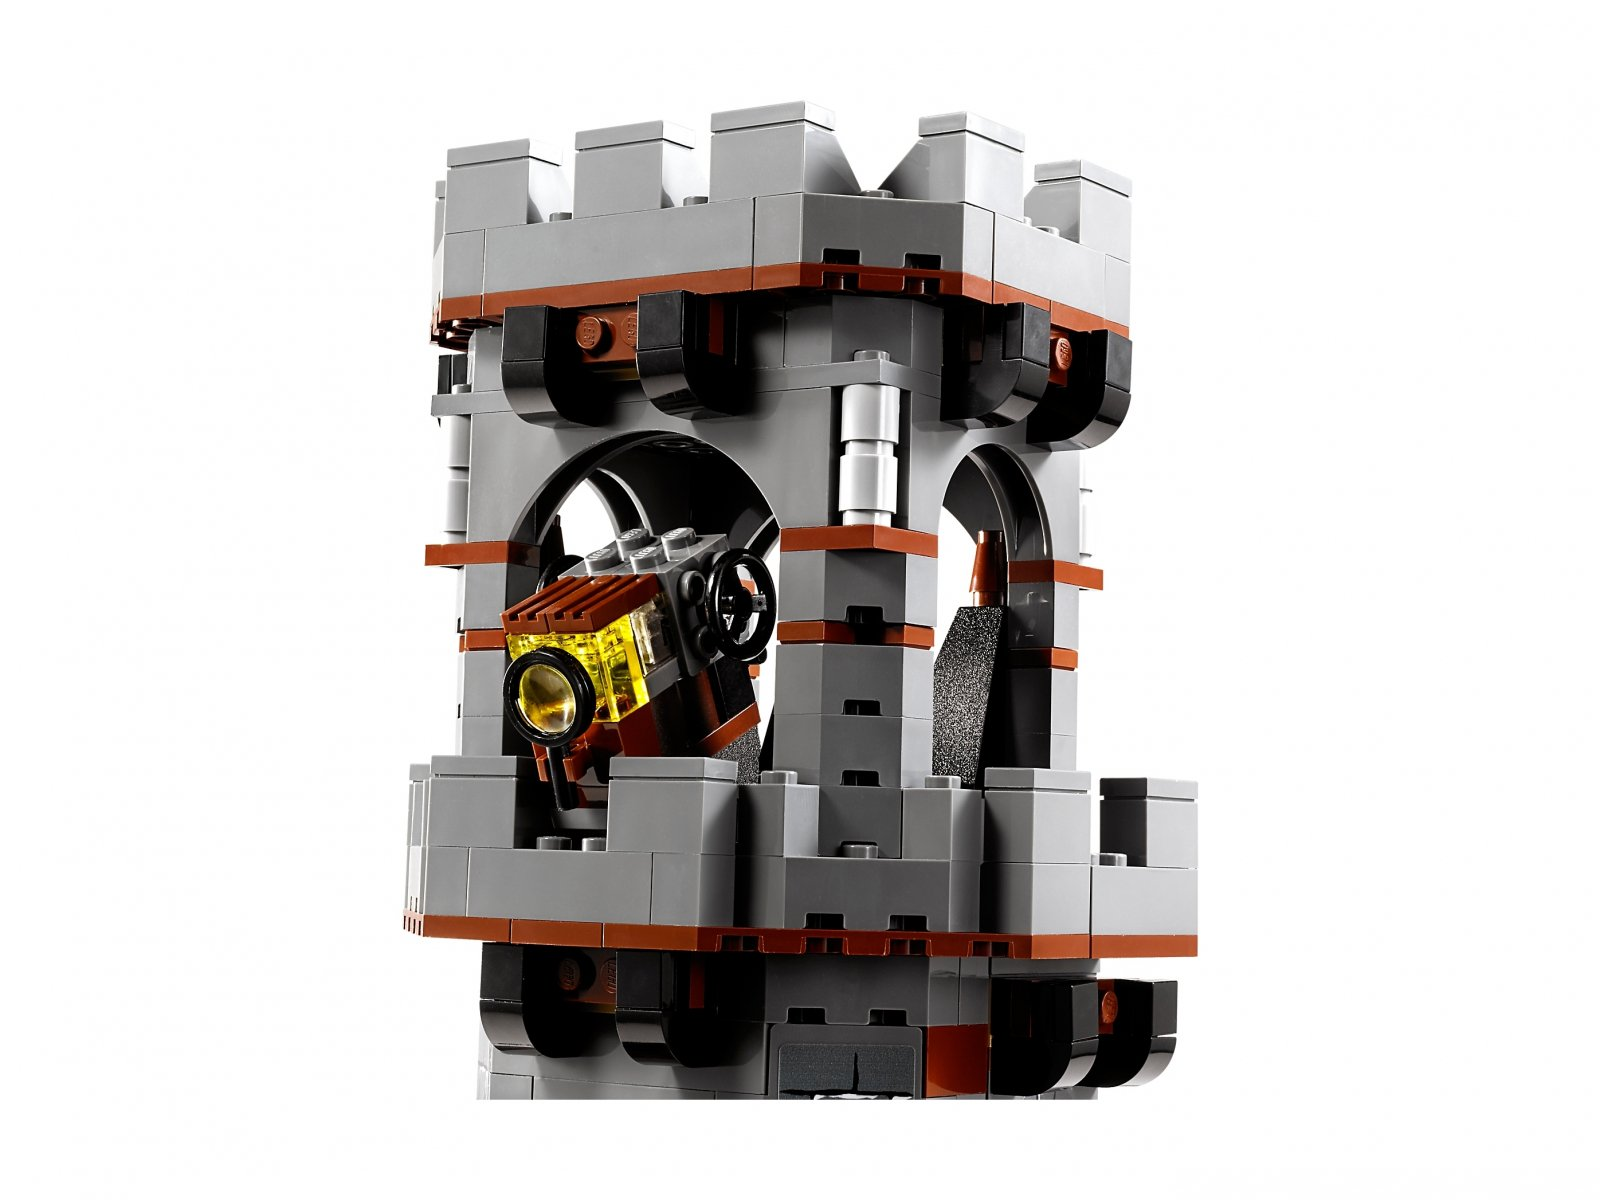 LEGO 4194 Whitecap Bay